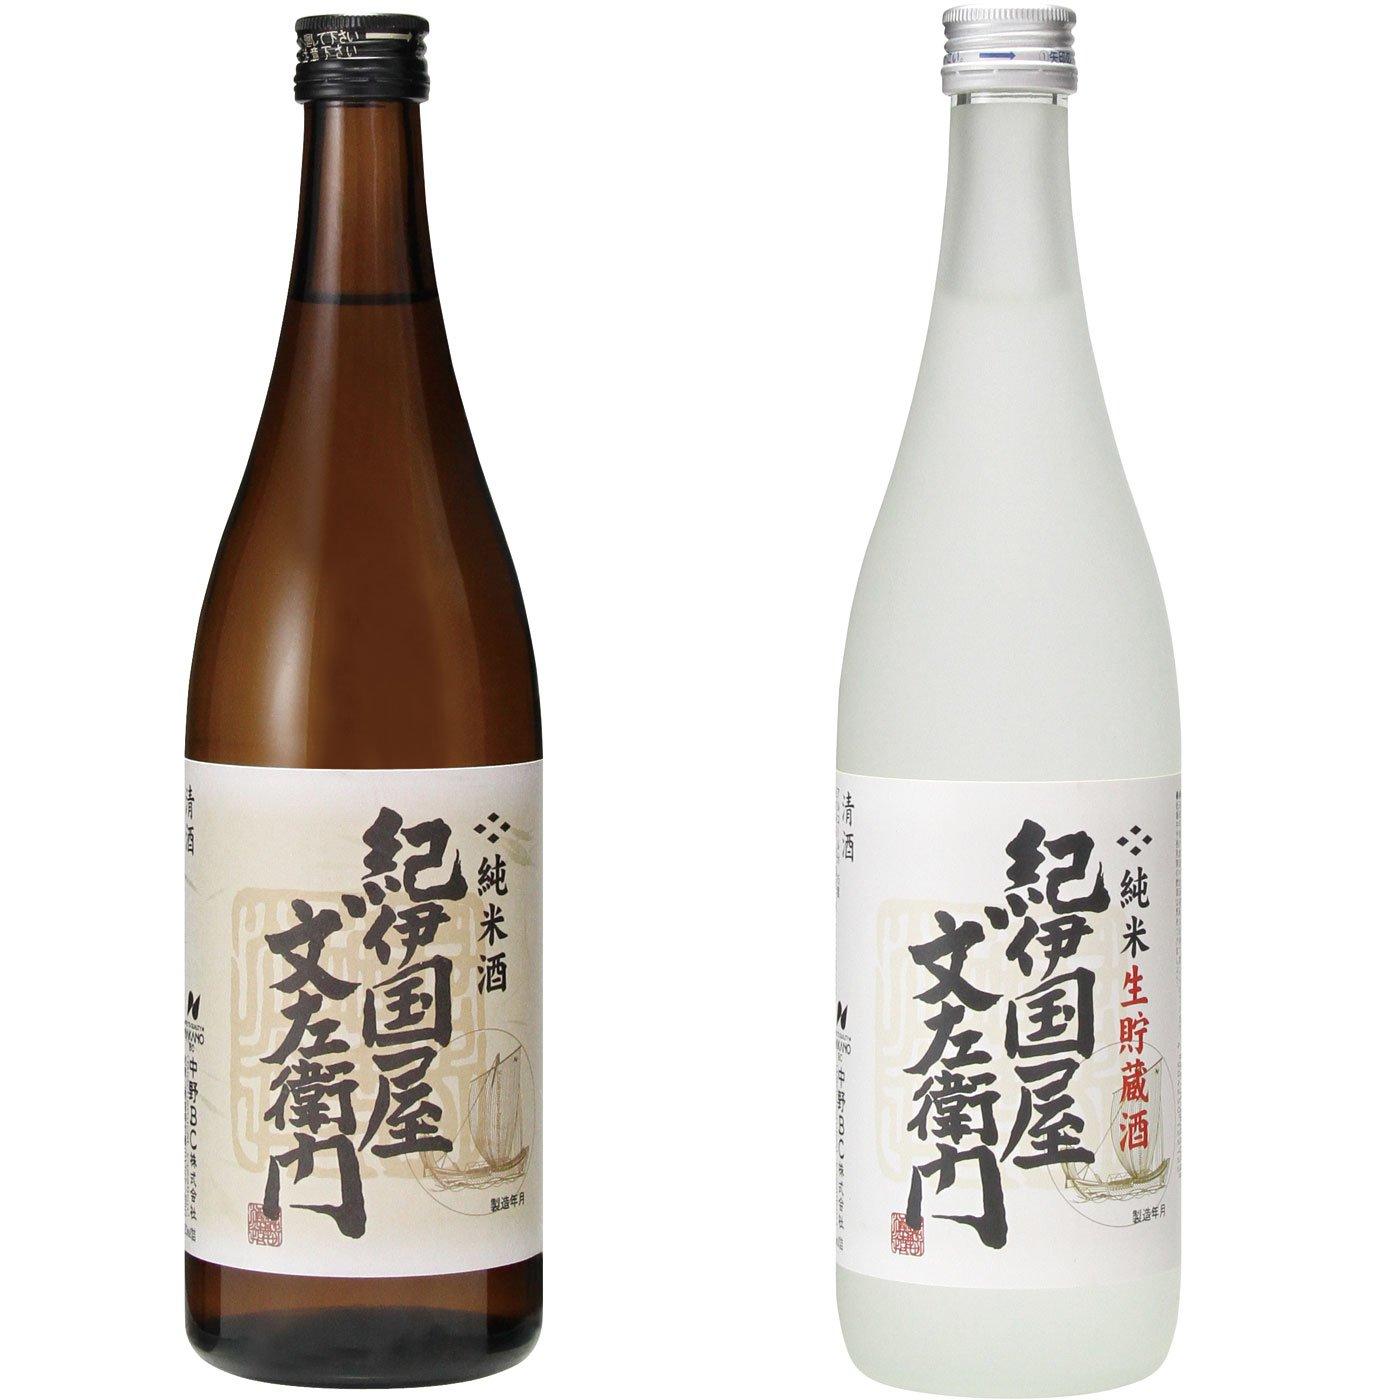 紀伊国屋文左衛門 純米生貯蔵酒 純米酒2本セット